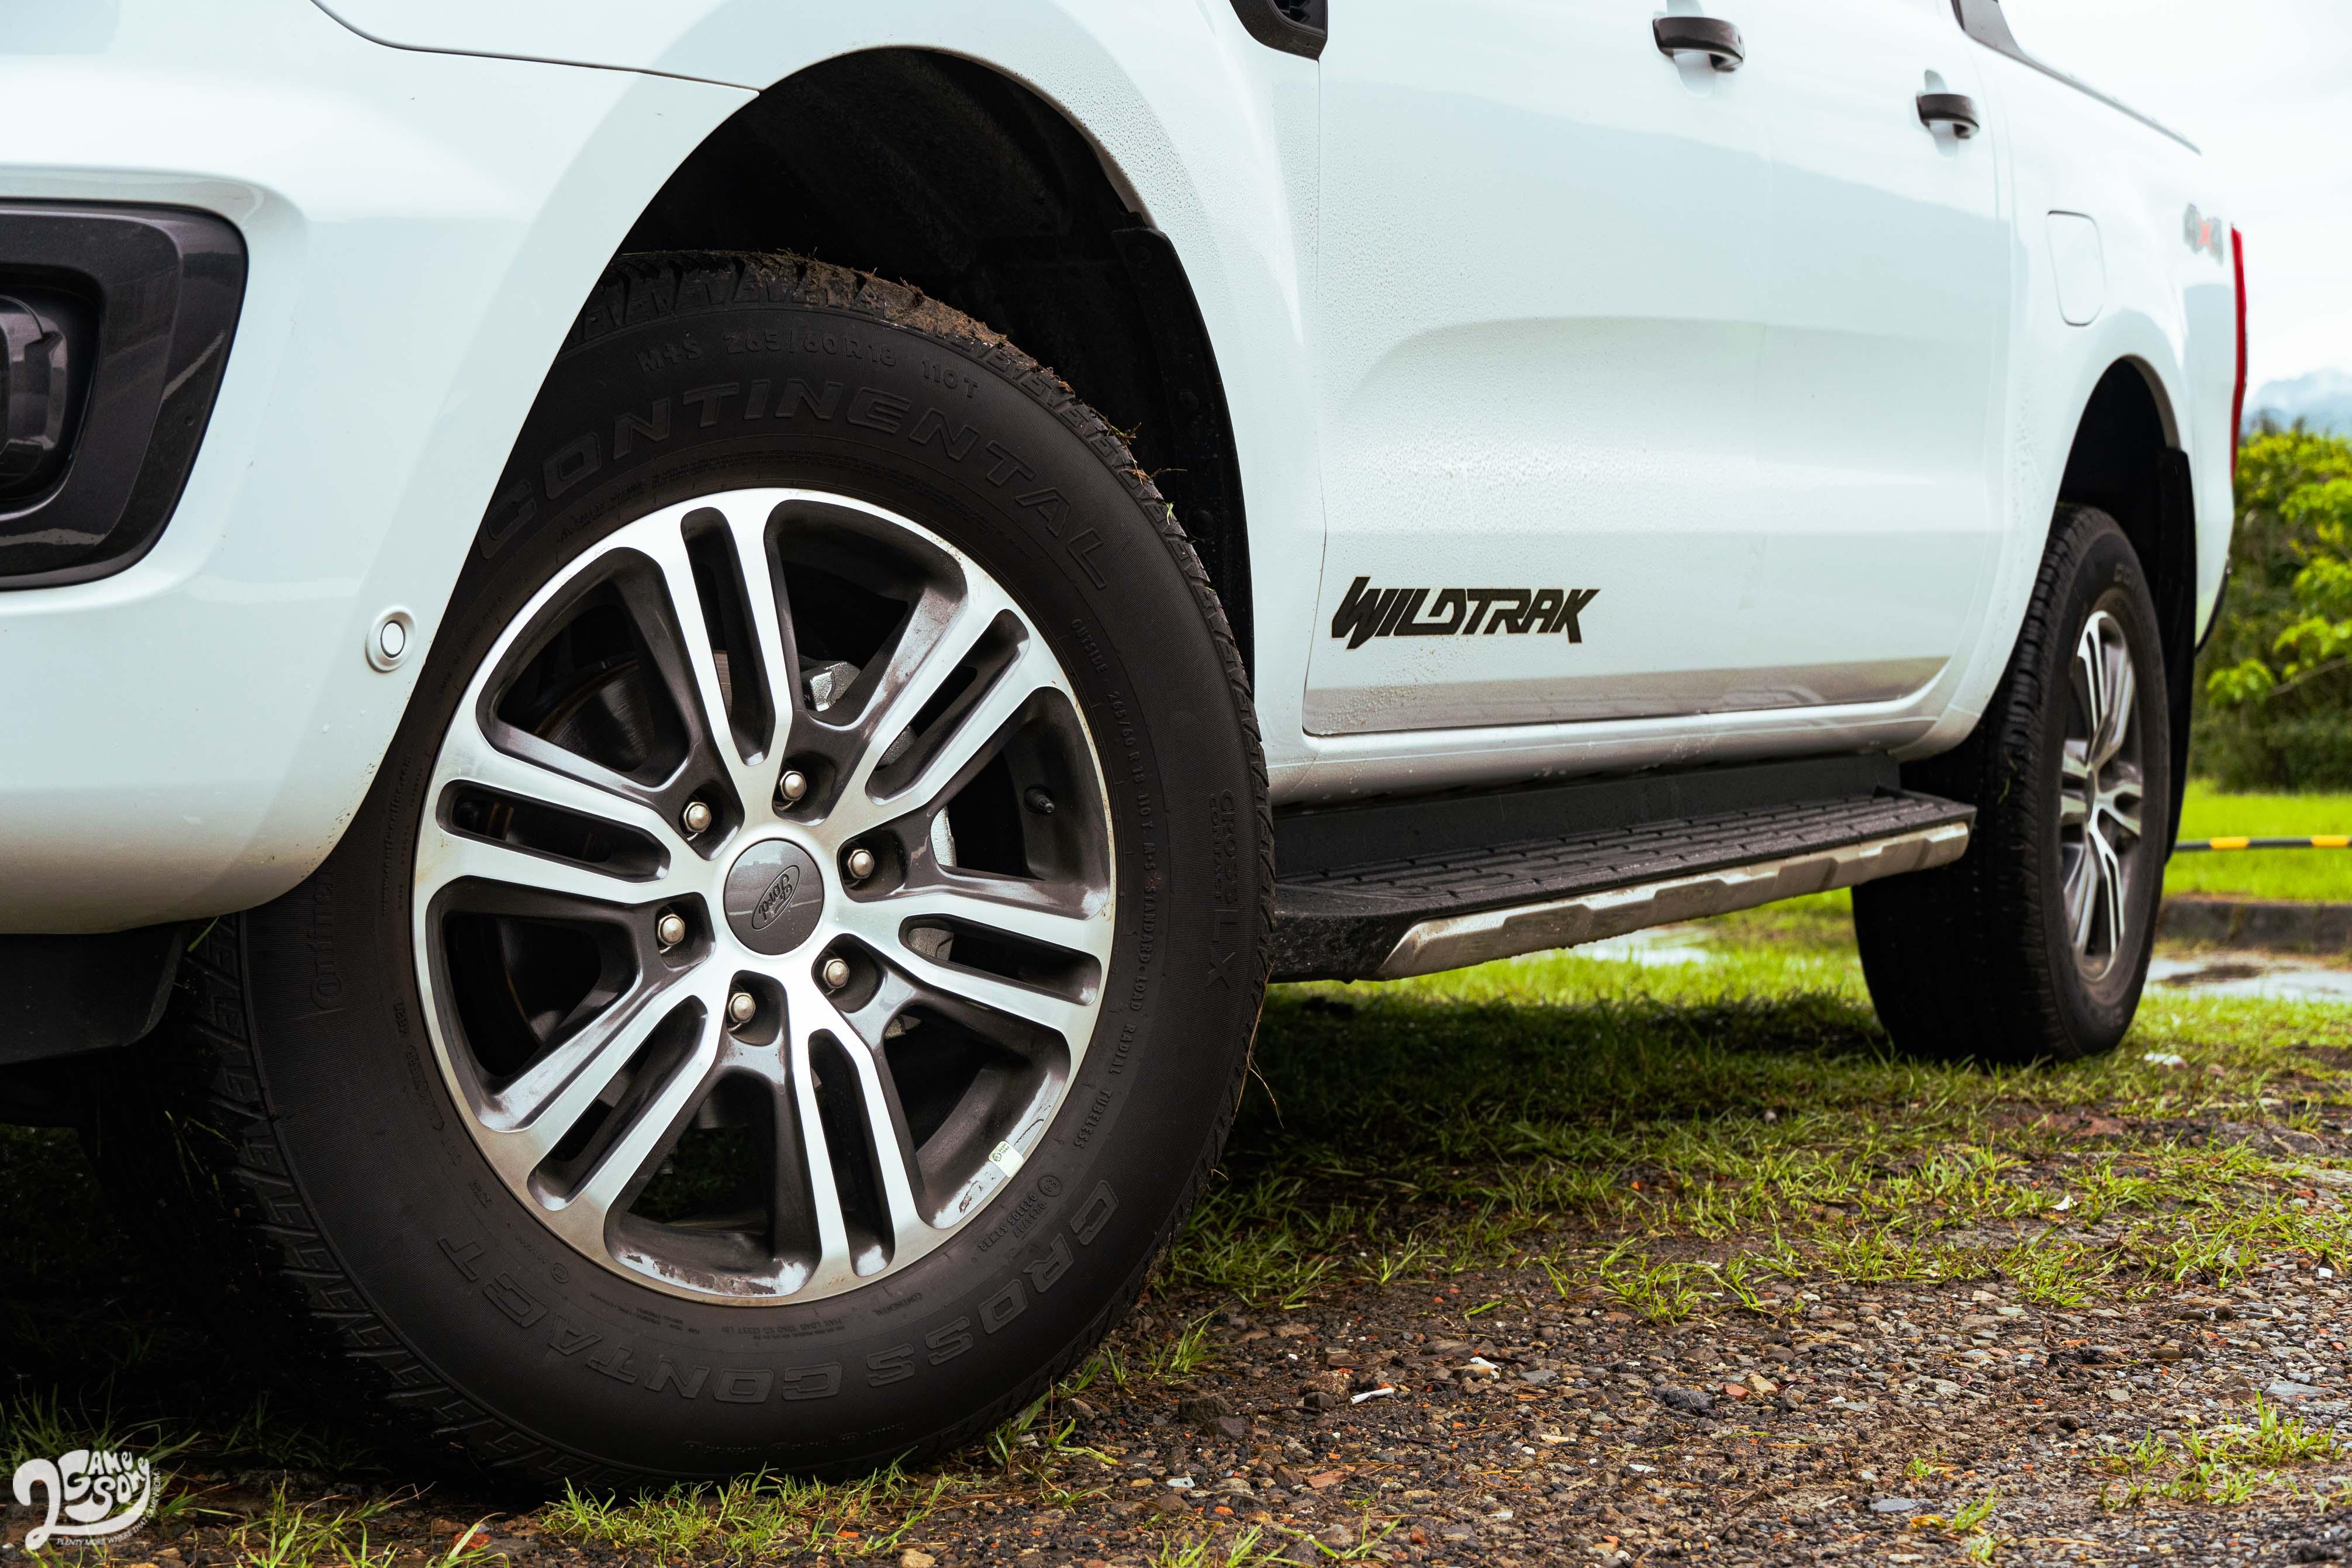 車系尺碼最大的 Wildtrak 18 吋輪圈。